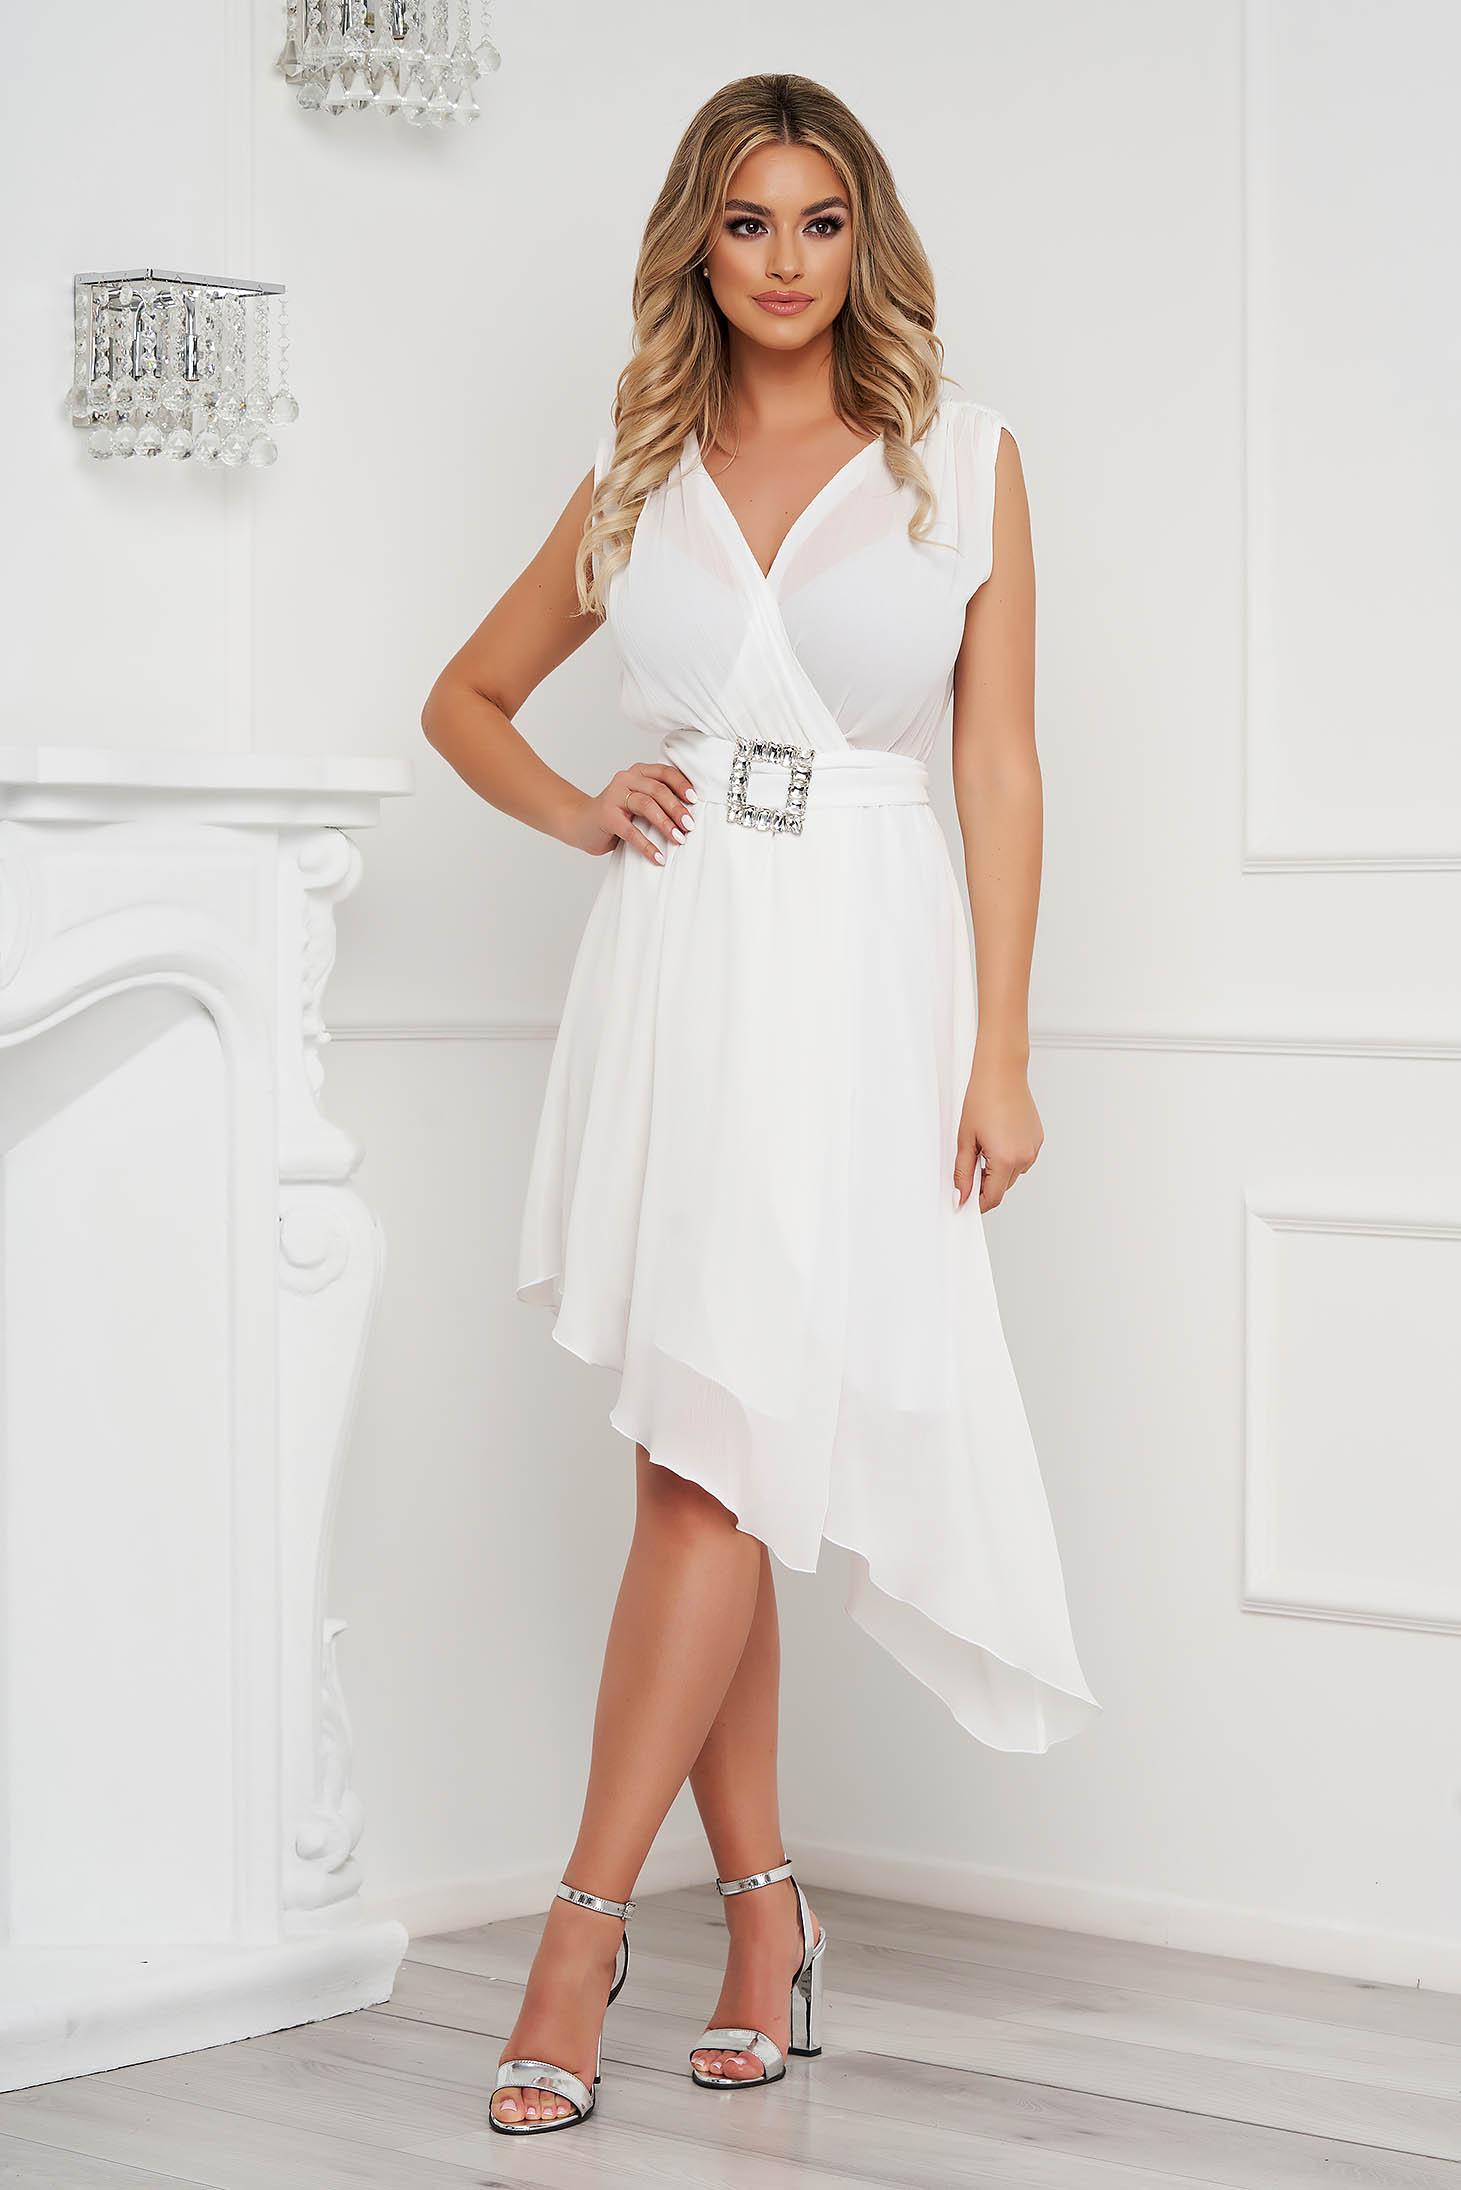 Rochie PrettyGirl alba eleganta asimetrica in clos din voal cu aspect satinat accesorizata cu cordon cu pietre strass